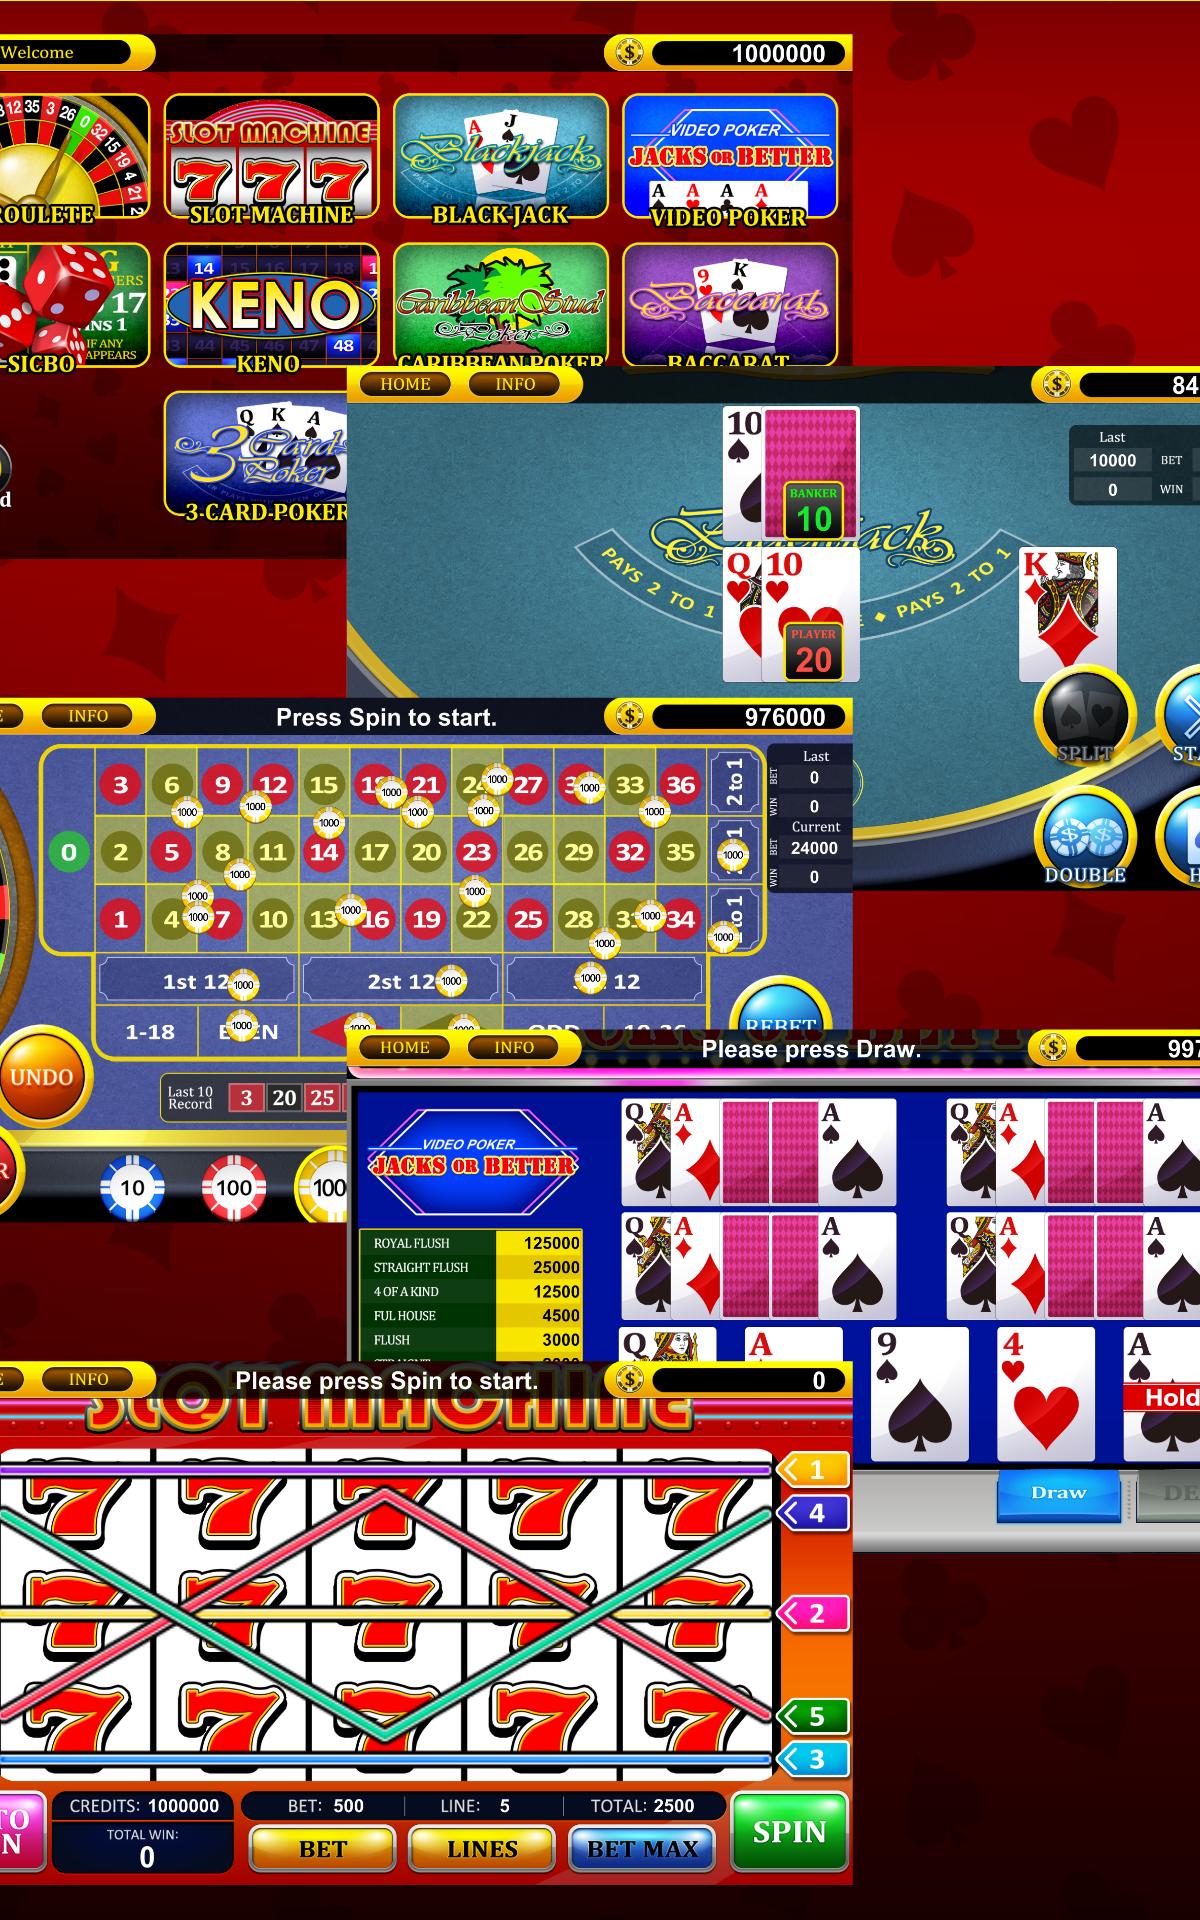 Tipos de poker de blackjack funcionamiento-454791